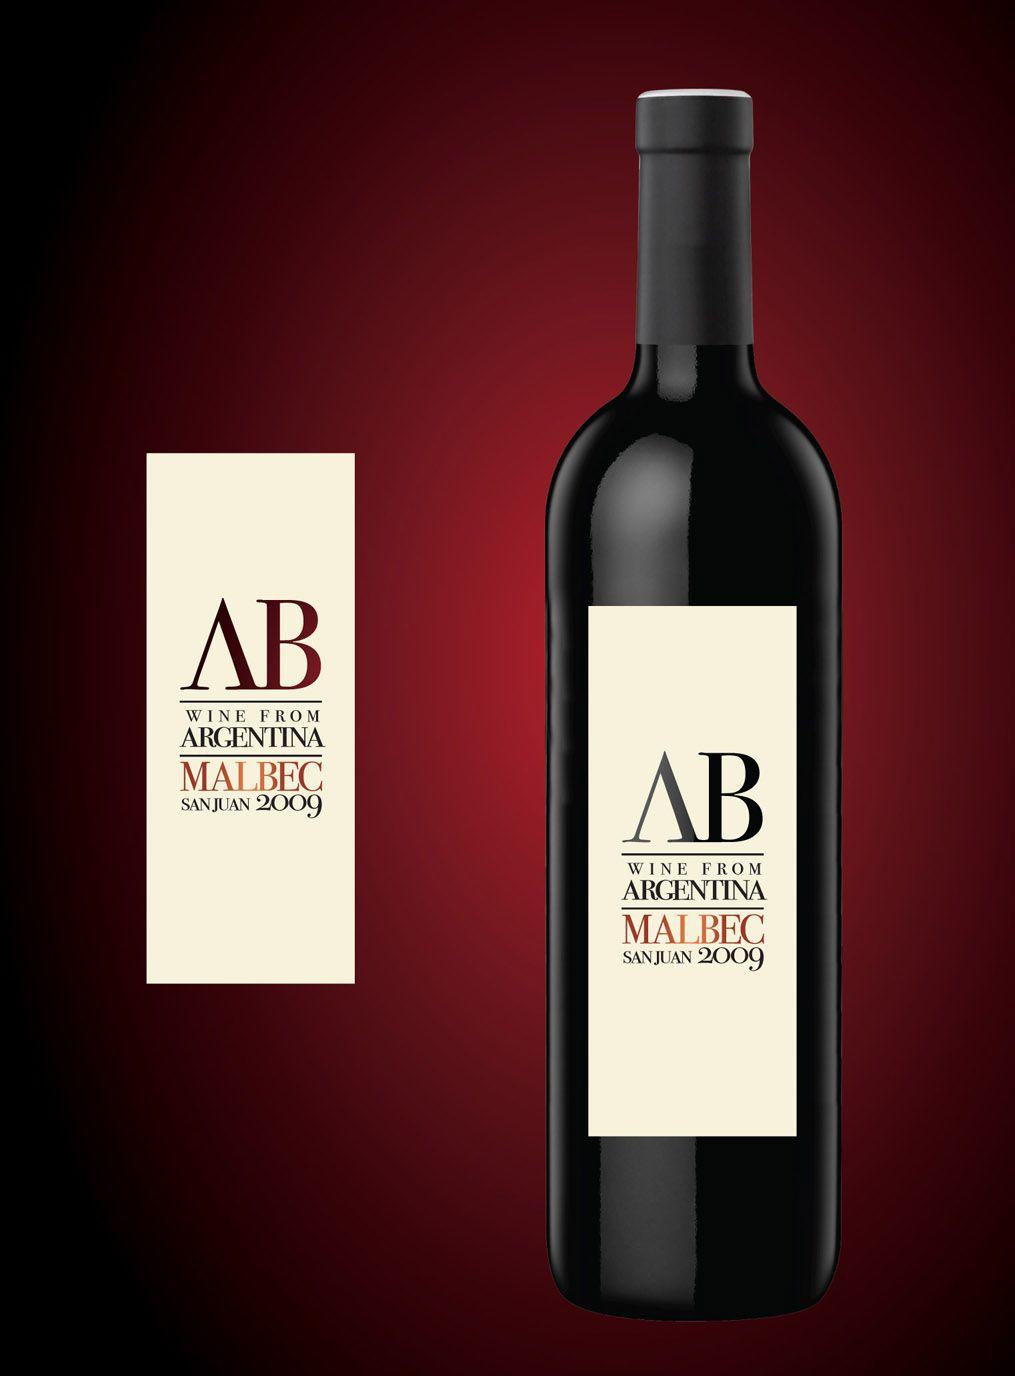 Rediseno Etiqueta Vino Ab De Antigua Bodega Etiquetas De Vino Vino Bodegas